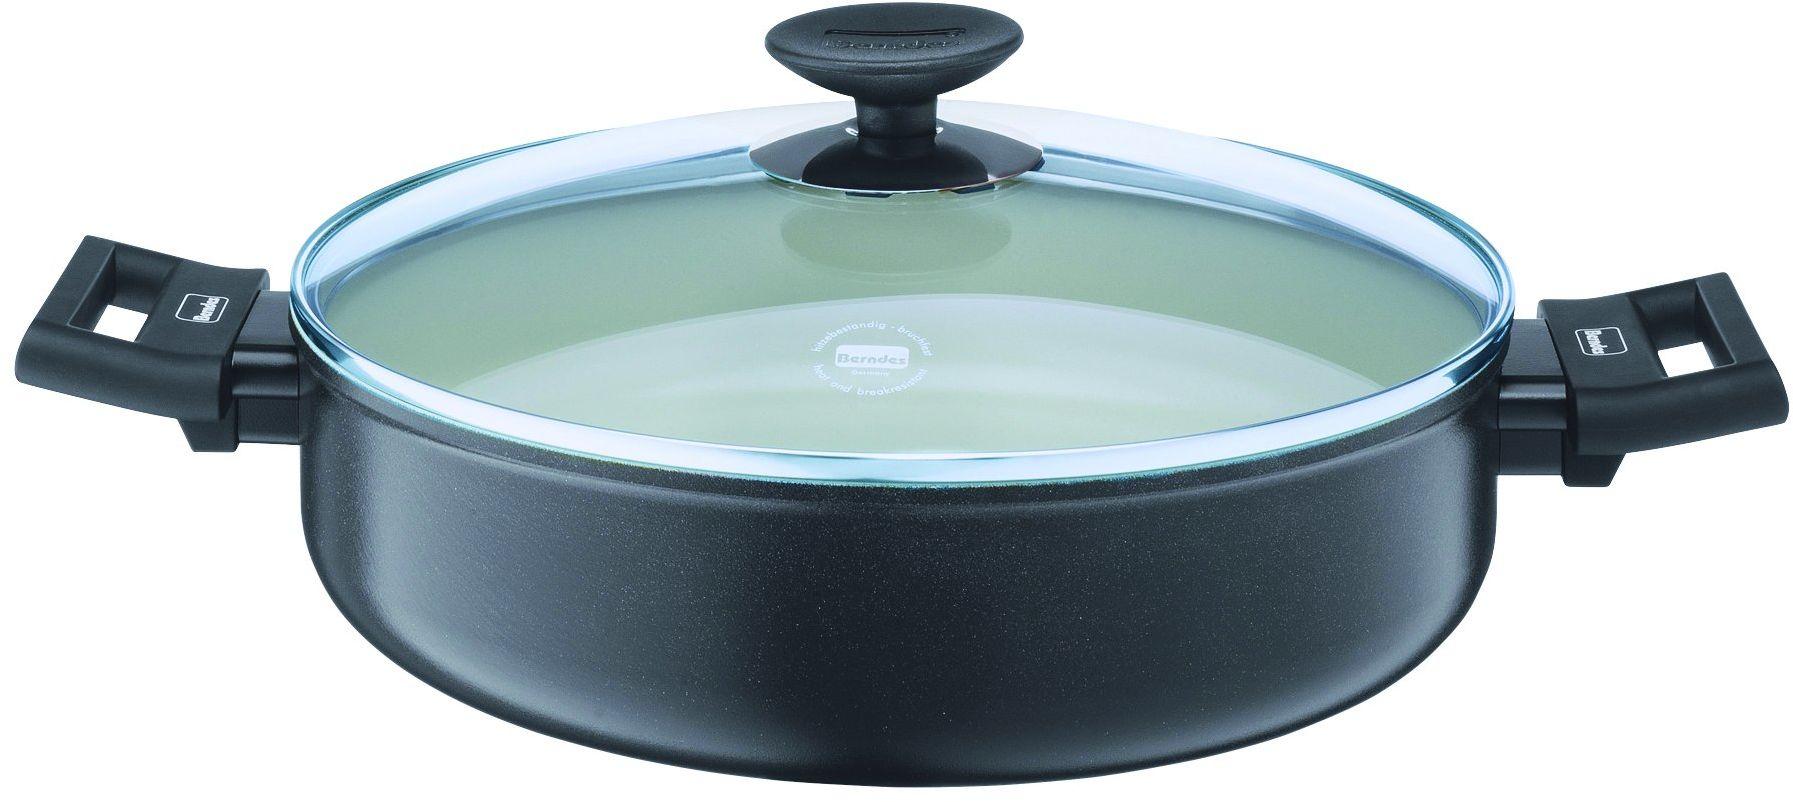 Berndes Alu Specials Smart rondel do duszenia 28 cm ze szklaną pokrywką, aluminium, biały, ceramika, 4,2 litra